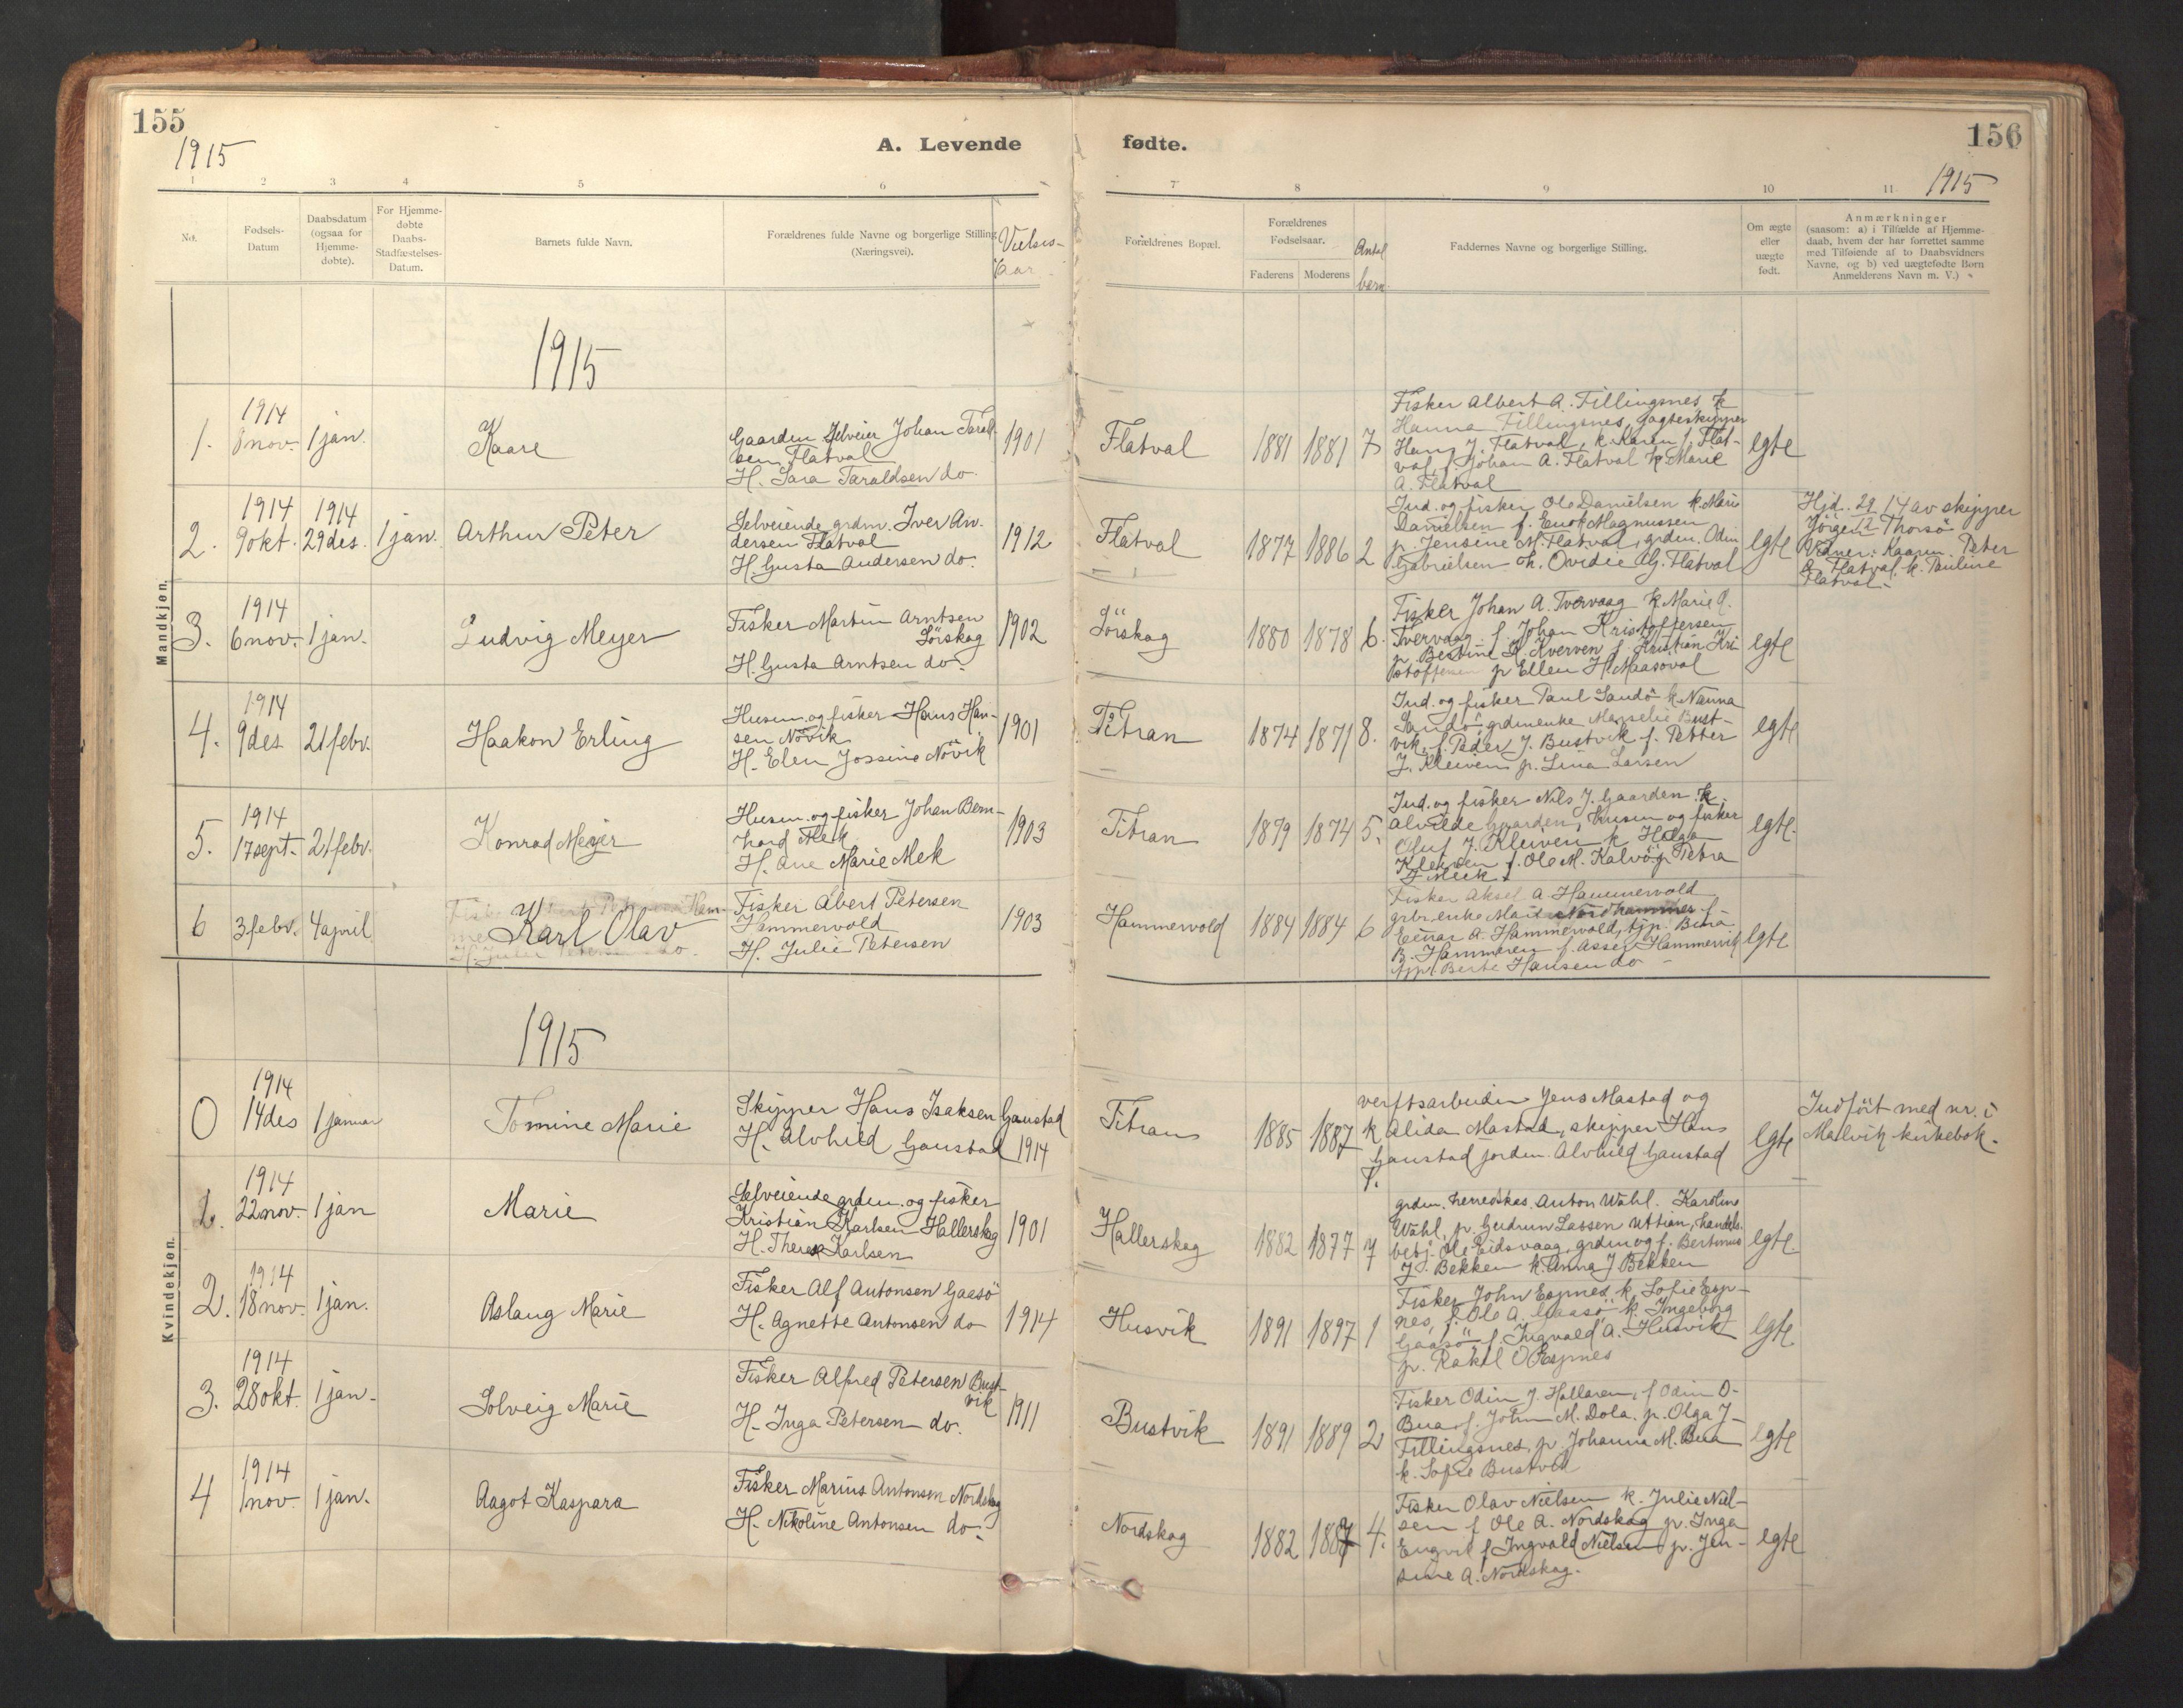 SAT, Ministerialprotokoller, klokkerbøker og fødselsregistre - Sør-Trøndelag, 641/L0596: Ministerialbok nr. 641A02, 1898-1915, s. 155-156